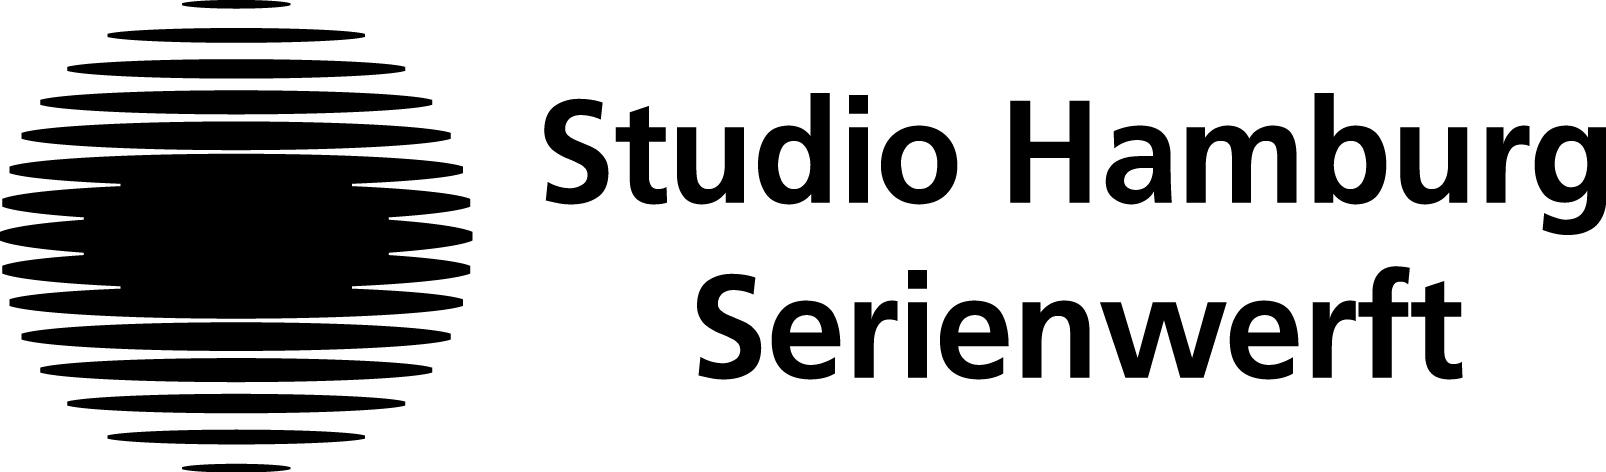 Studio Hamburg Serienwerft GmbH